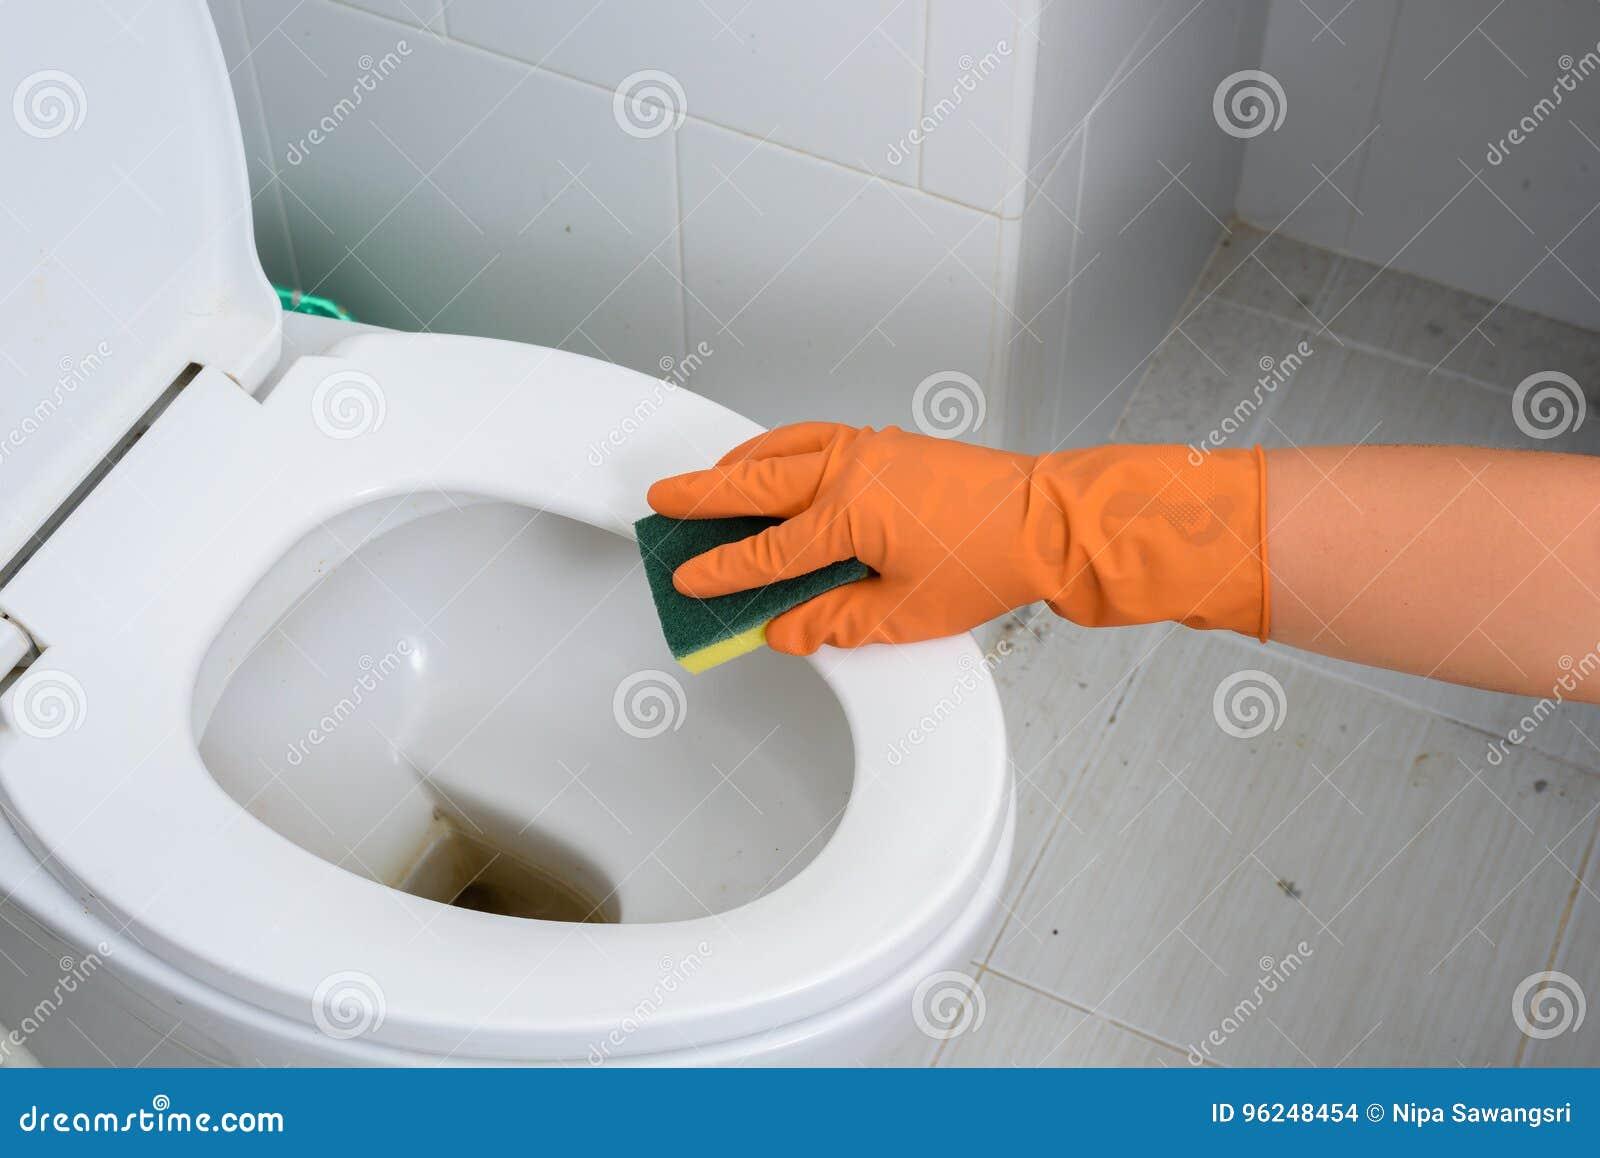 Manos en los guantes anaranjados que limpian WC, retrete, servicio